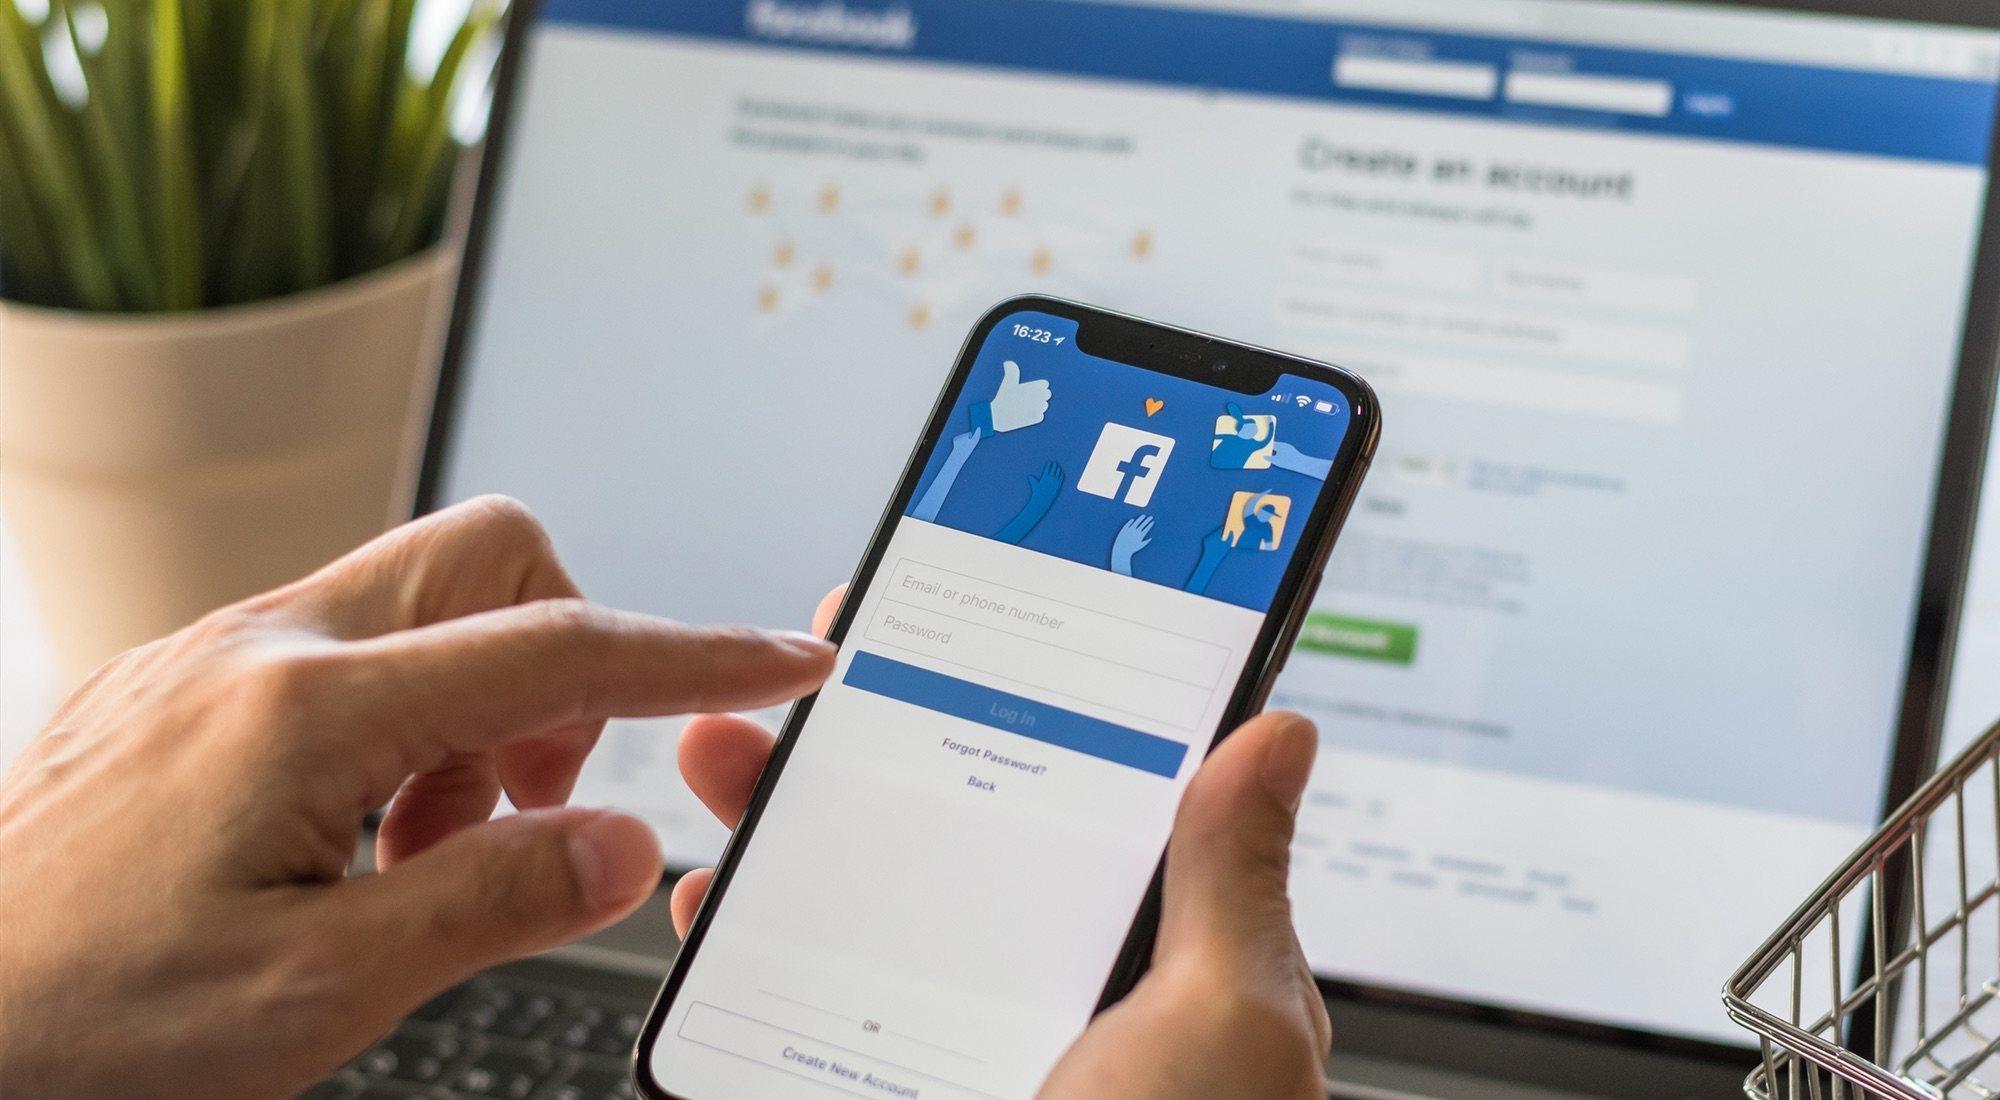 Cómo iniciar sesión en Facebook y activar los ajustes de seguridad